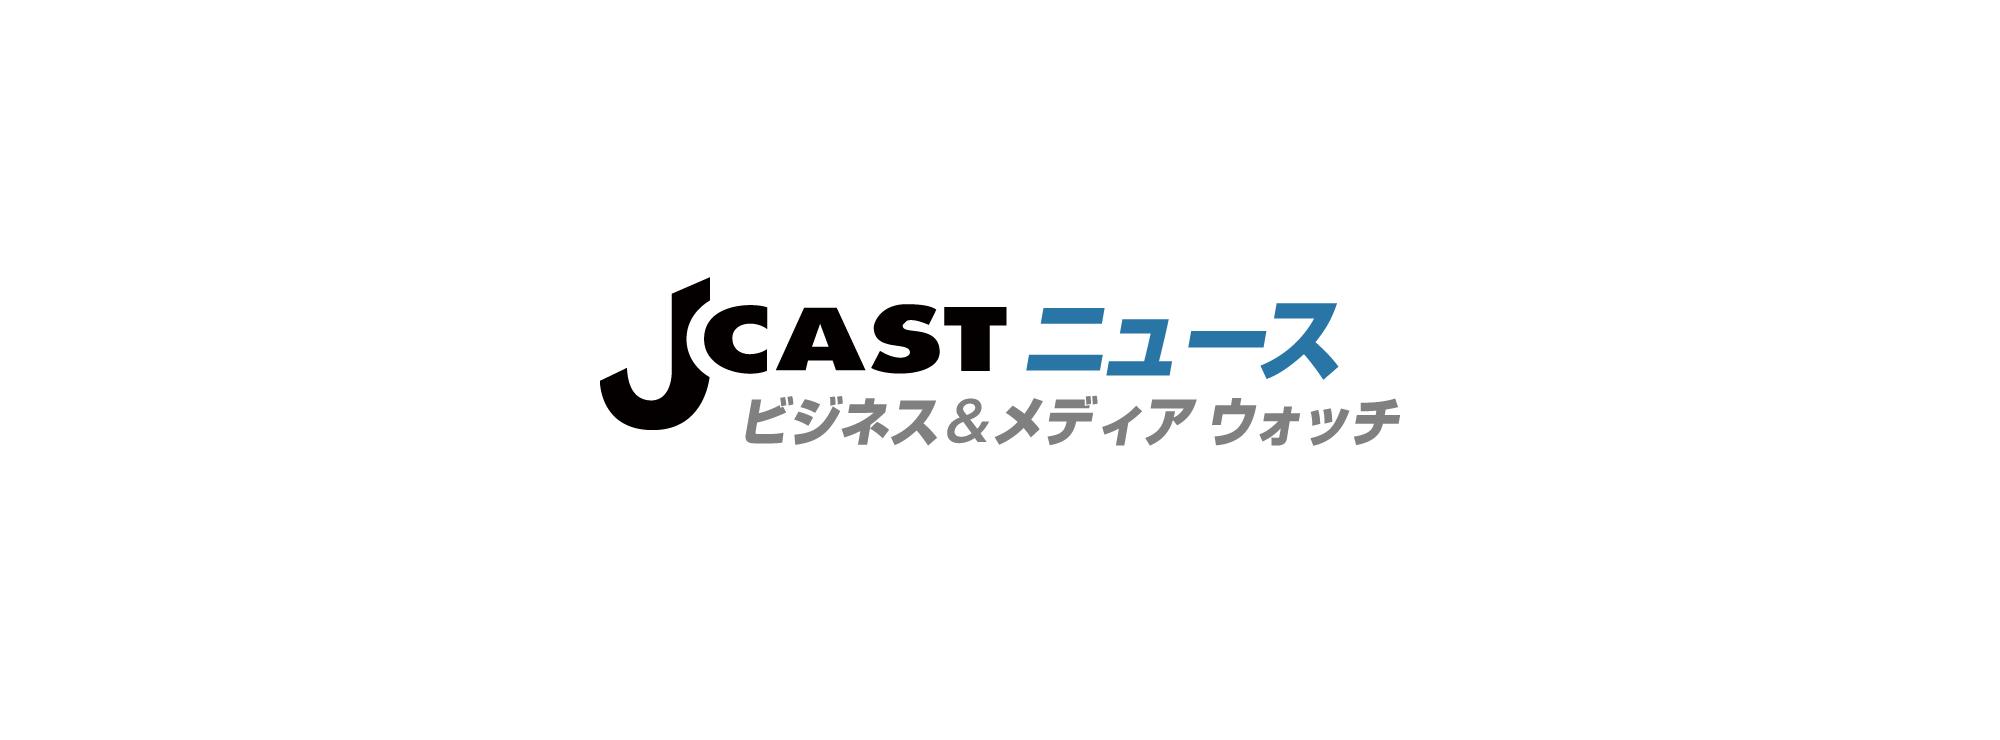 山手線に2018年春から防犯カメラ JR東日本 : J-CASTニュース